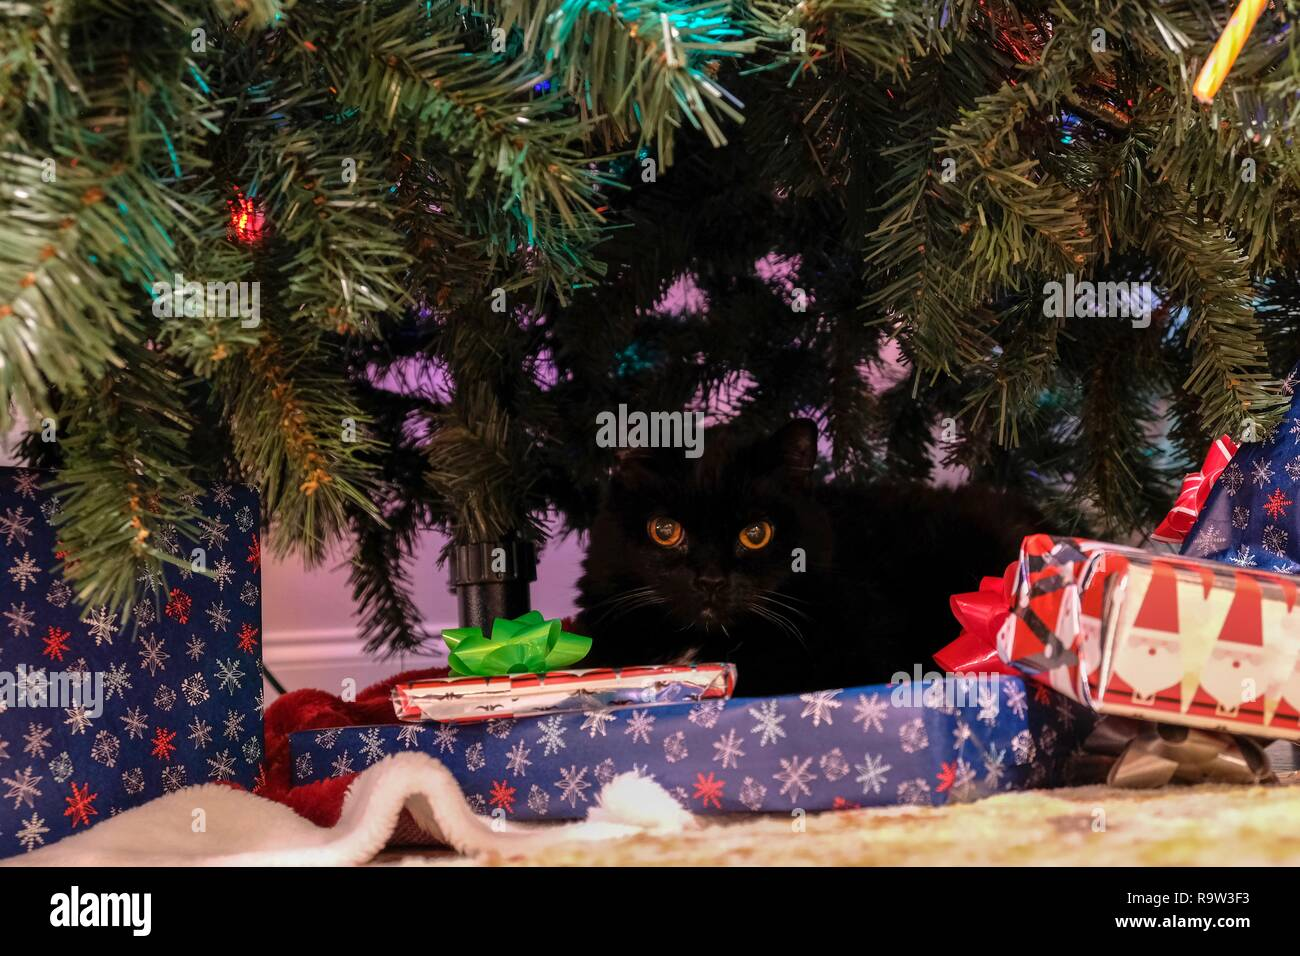 Albero Di Natale Nero.Un Gatto Nero E Accucciato Sotto L Albero Di Natale Cautamente